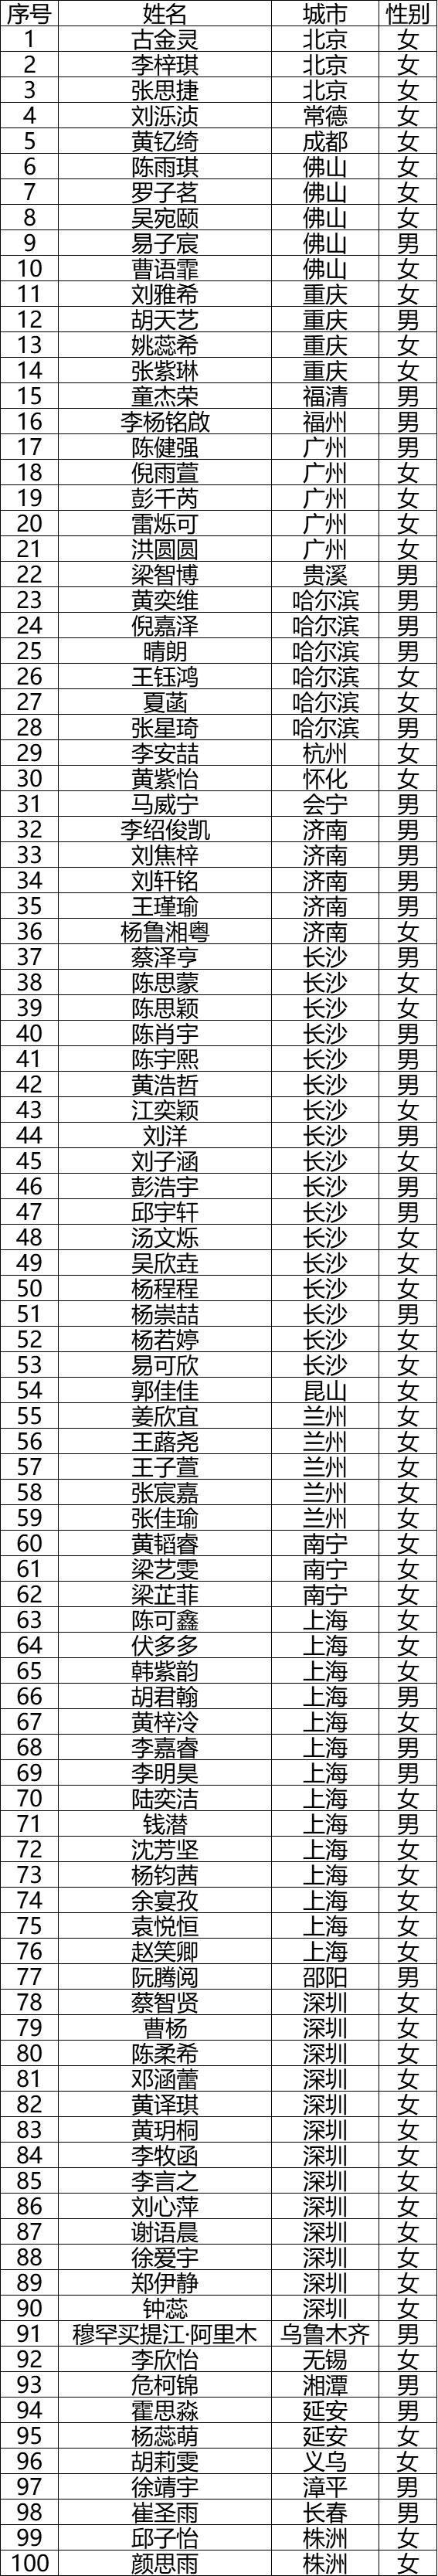 2f673a1d9ee5e8949fcd2054cc79a05.png